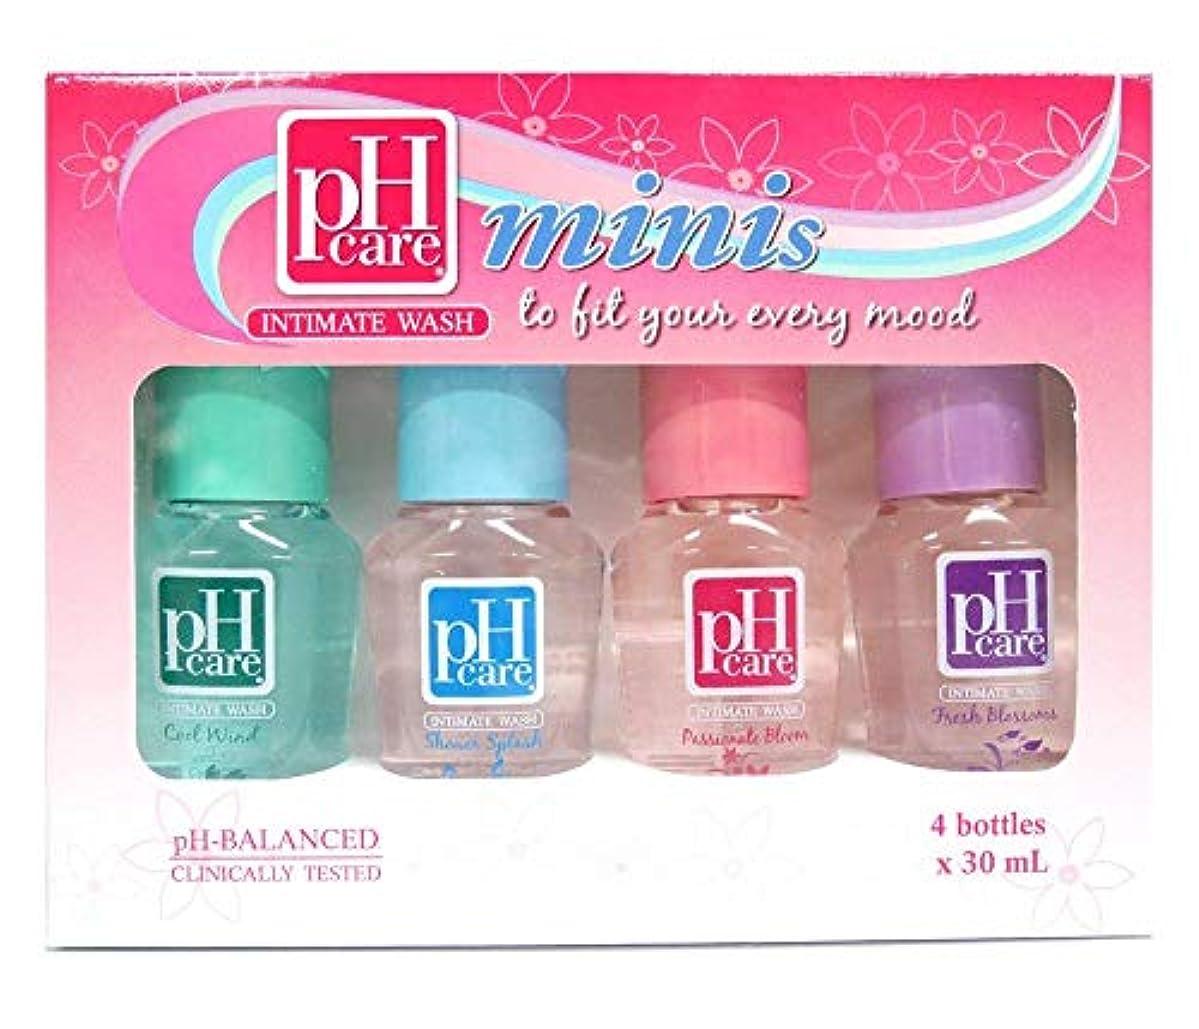 世代コンピューターを使用する海藻pH CARE INTIMATE WASH Minis Collection 4 bottles × 30ml ×2箱セット【PHILIPPINES】